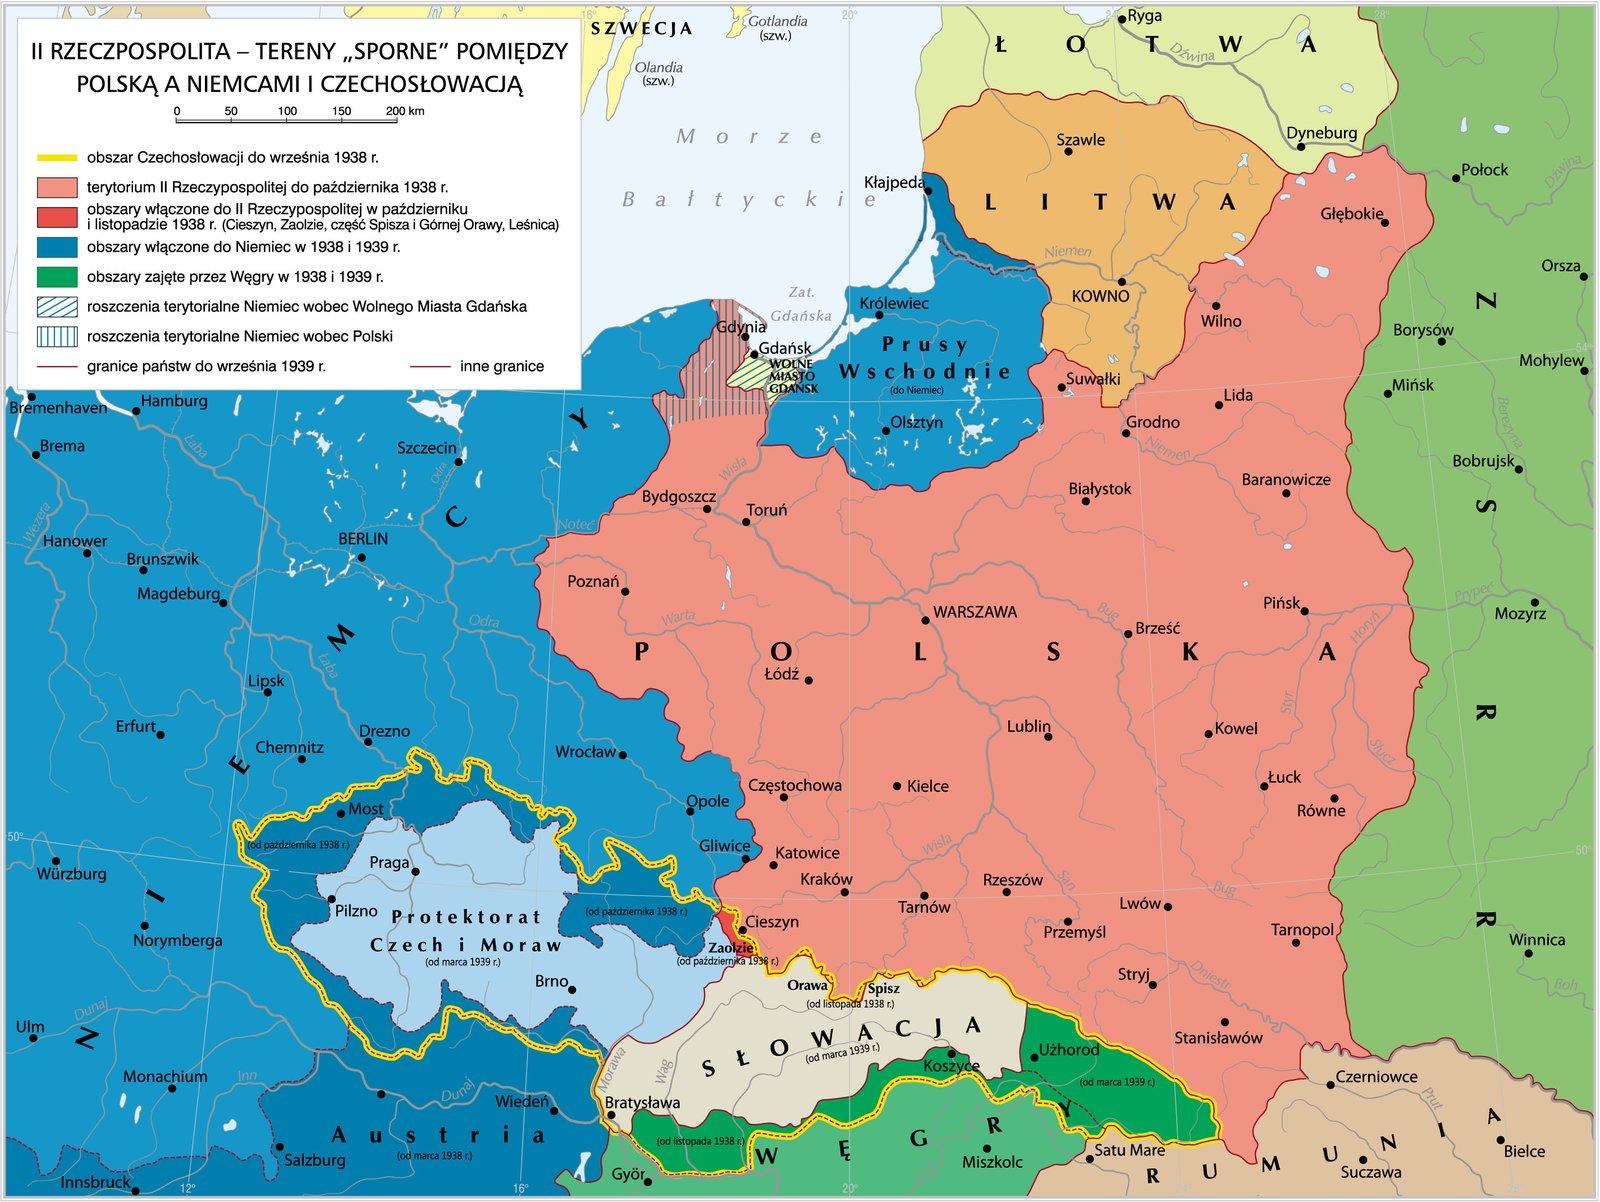 Tereny sporne między Polską aNiemcami iCzechosłowacją Tereny sporne między Polską aNiemcami iCzechosłowacją Źródło: Krystian Chariza izespół, licencja: CC BY 3.0.